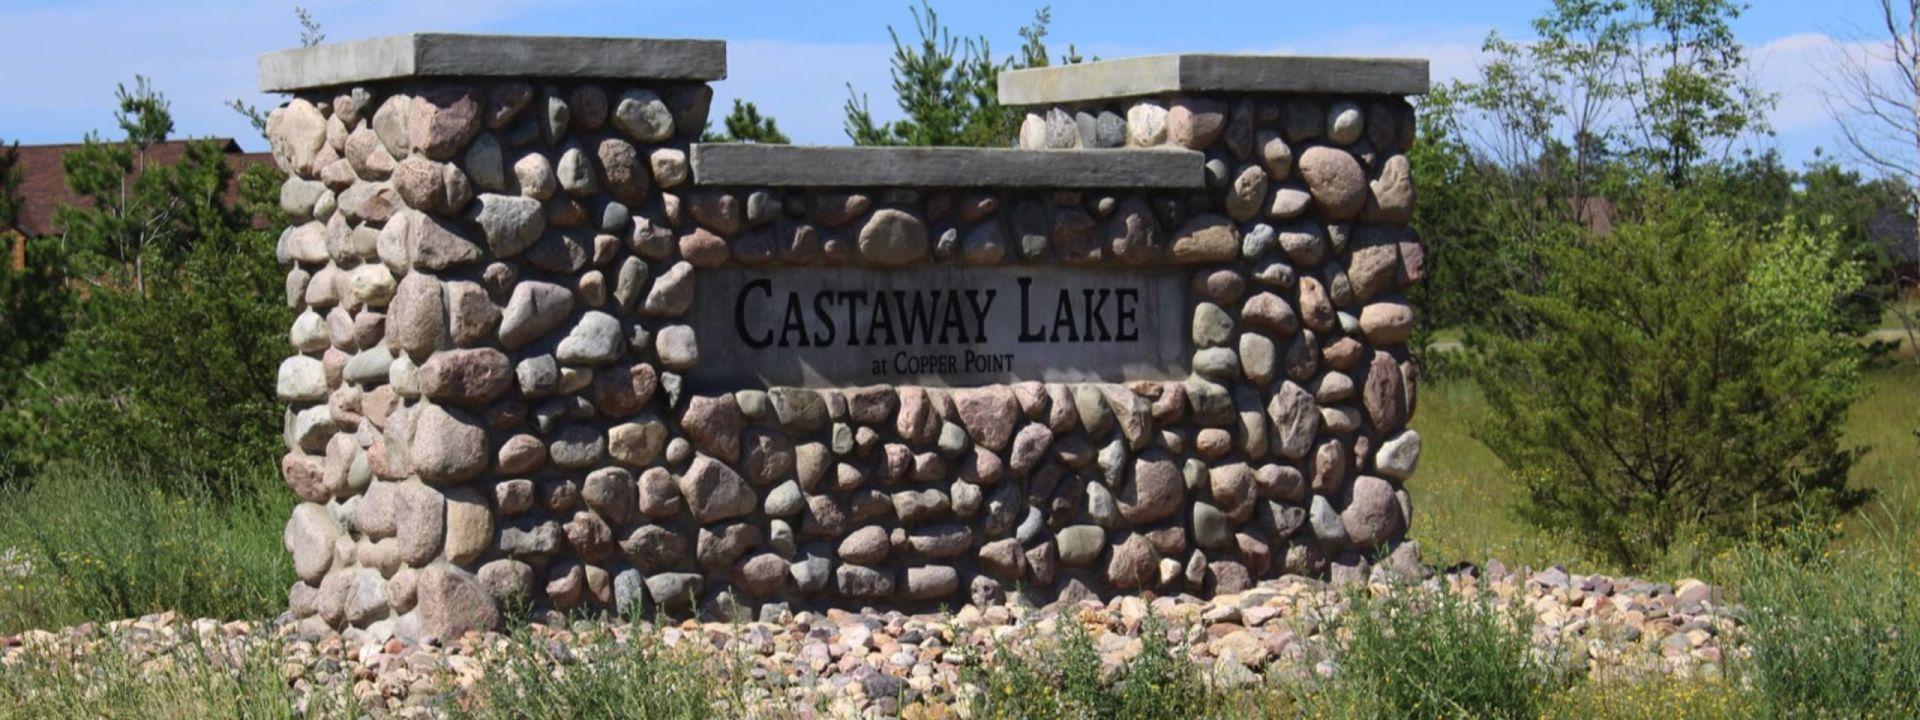 Castaway Lake